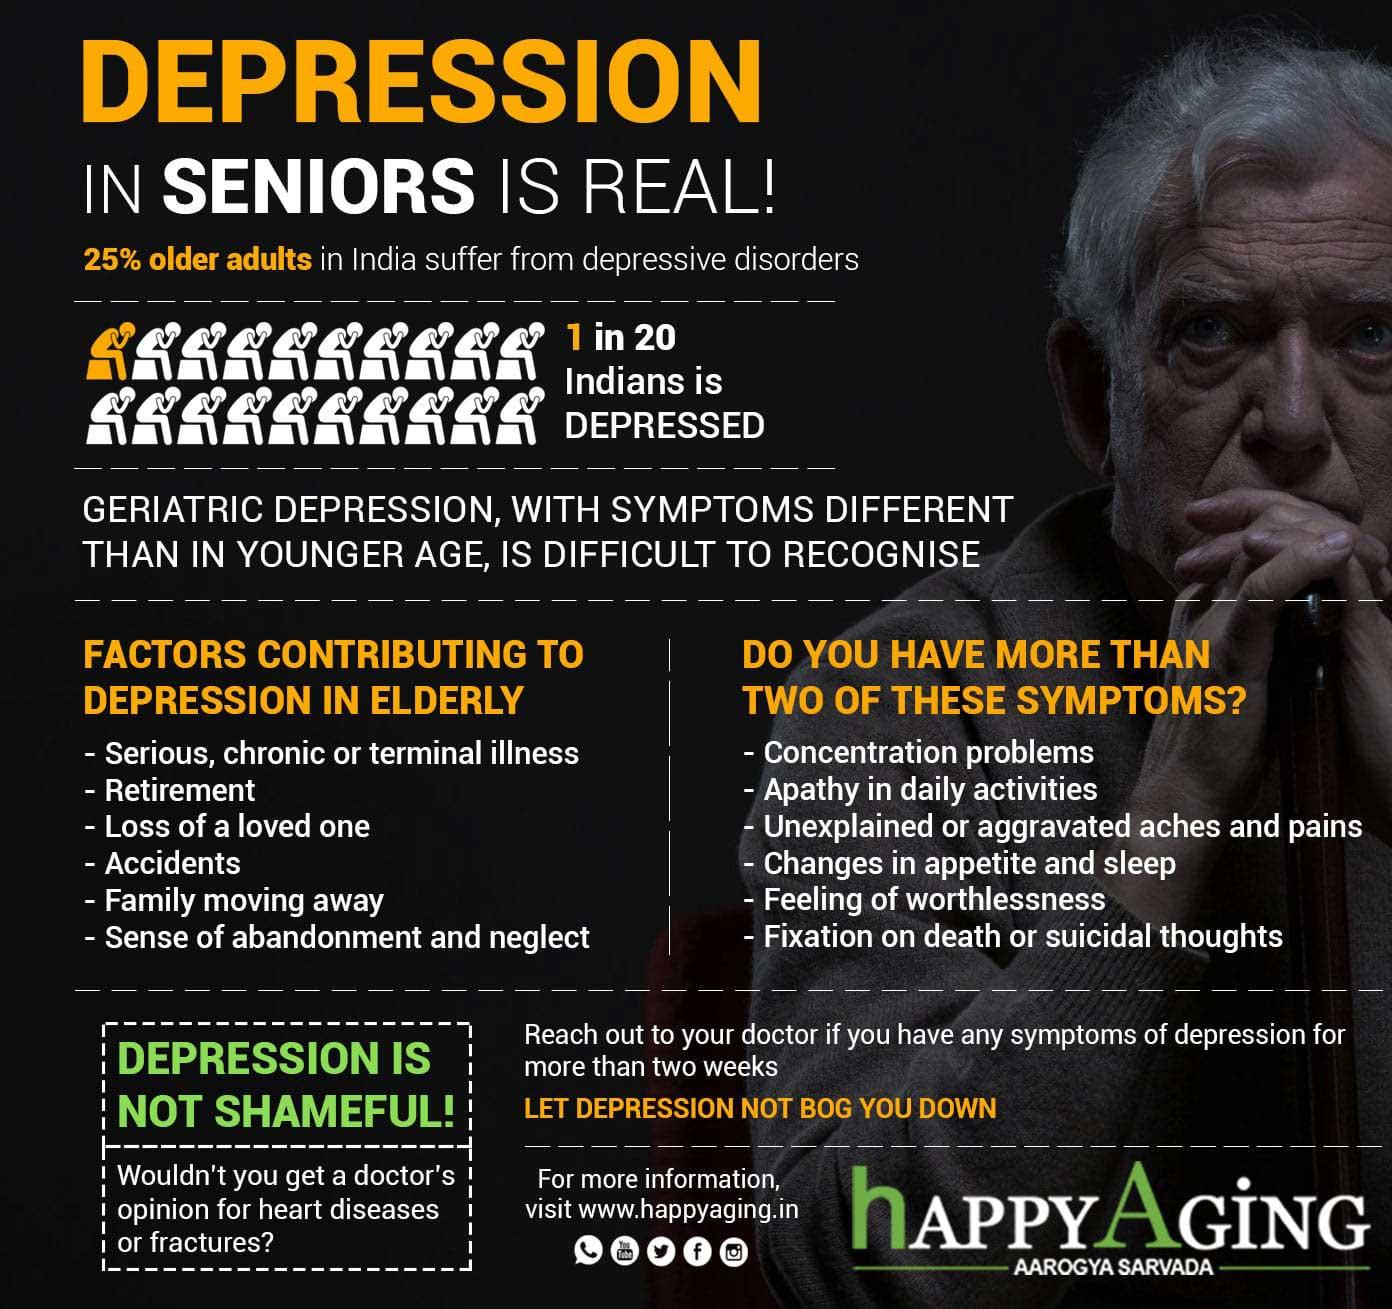 Depression in Seniors